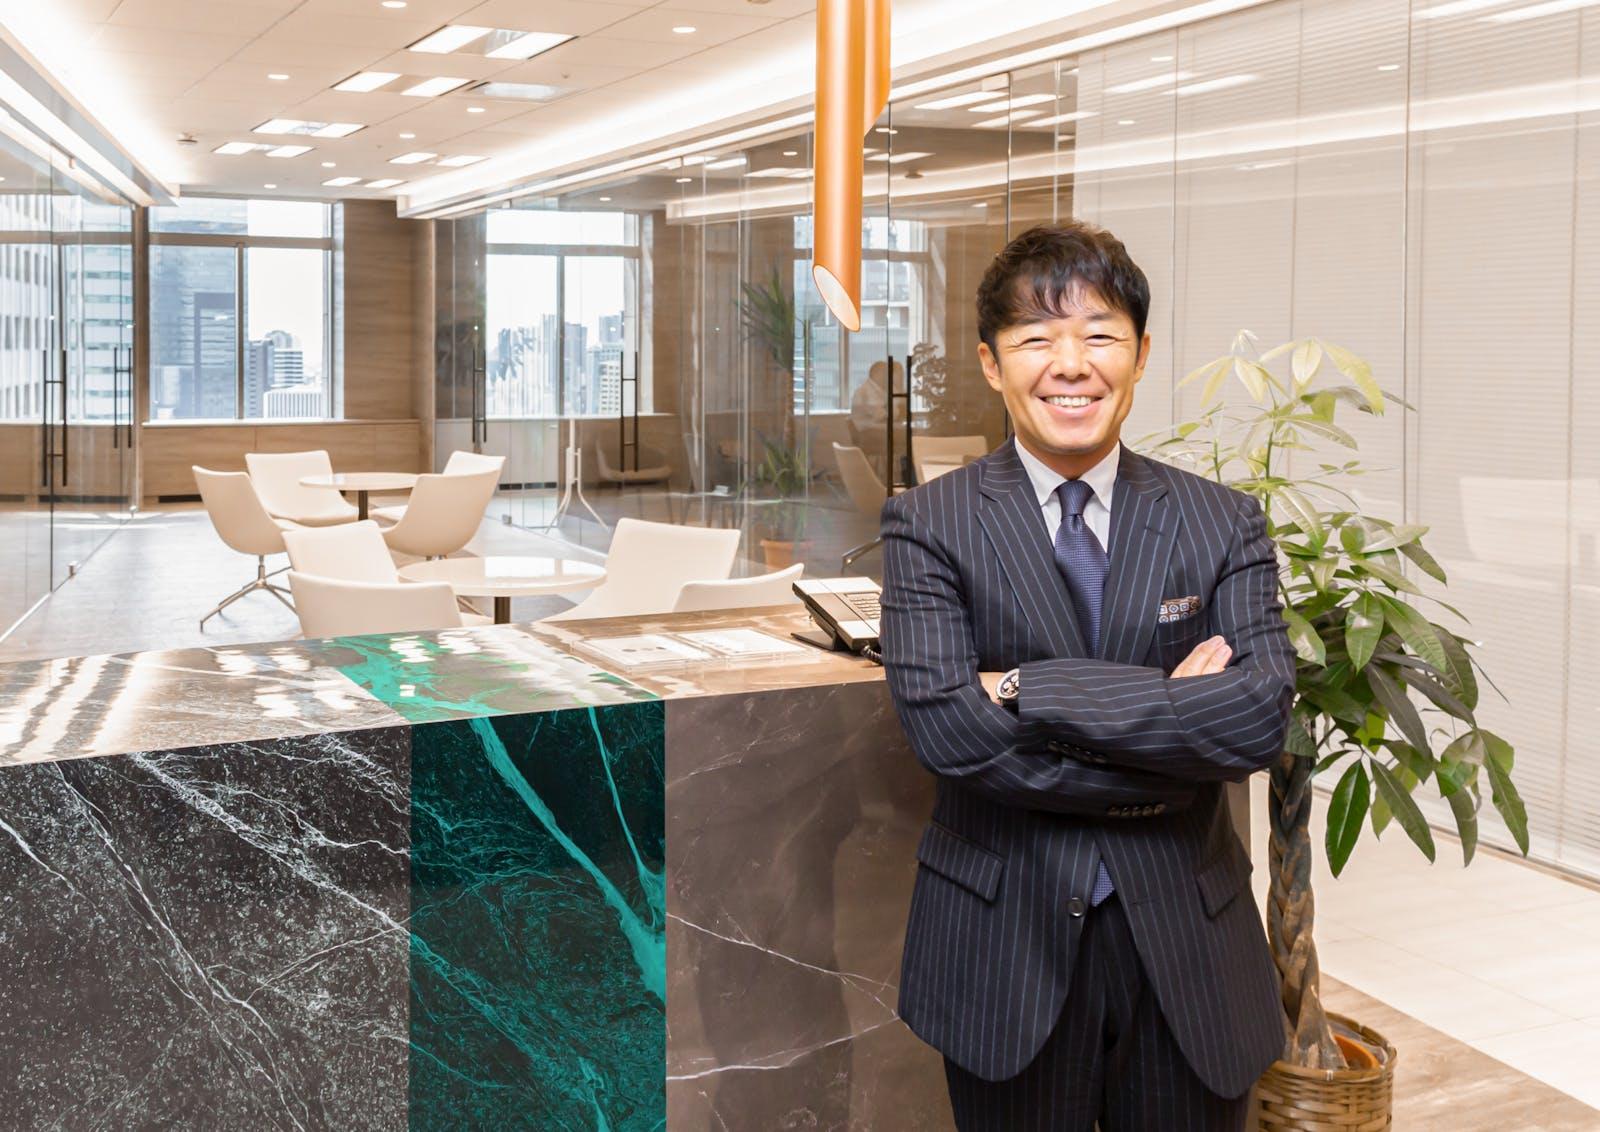 株式会社ヒューマンクリエイションホールディングスのアイキャッチ画像